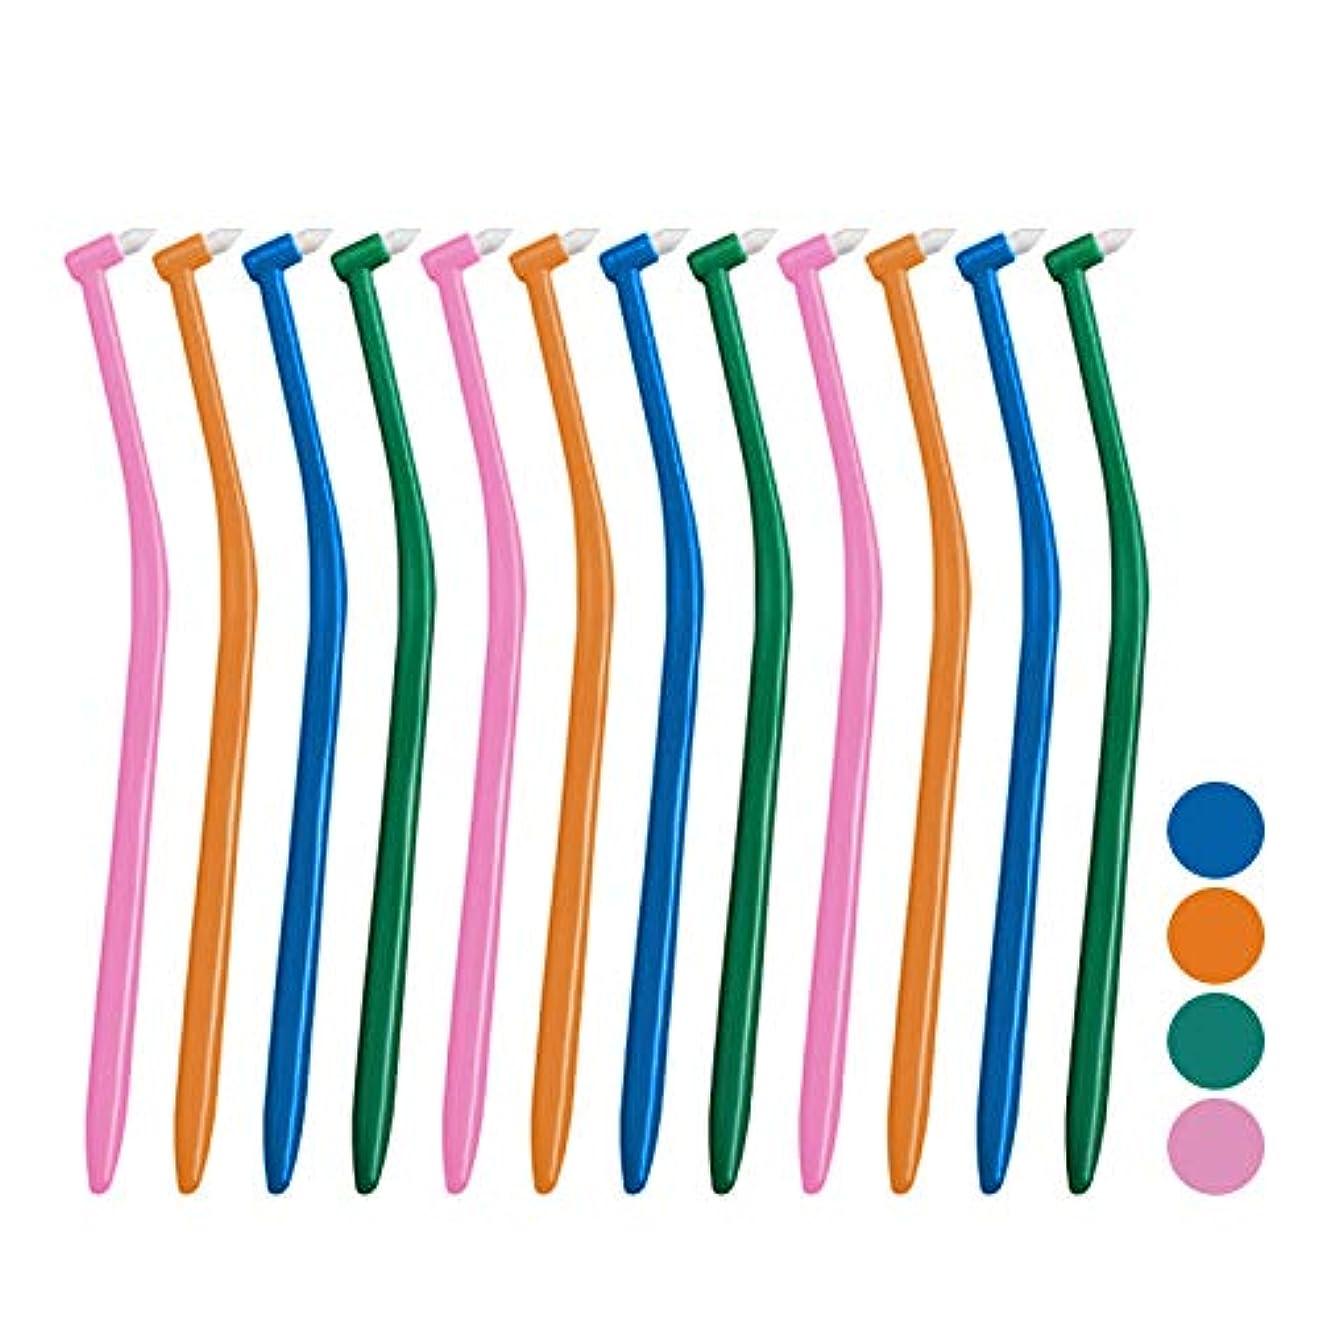 トチの実の木低下針サムフレンド p(ピー) シリーズ ピー アリーボ (ワンタフト) × 12本セット (ミディアム)